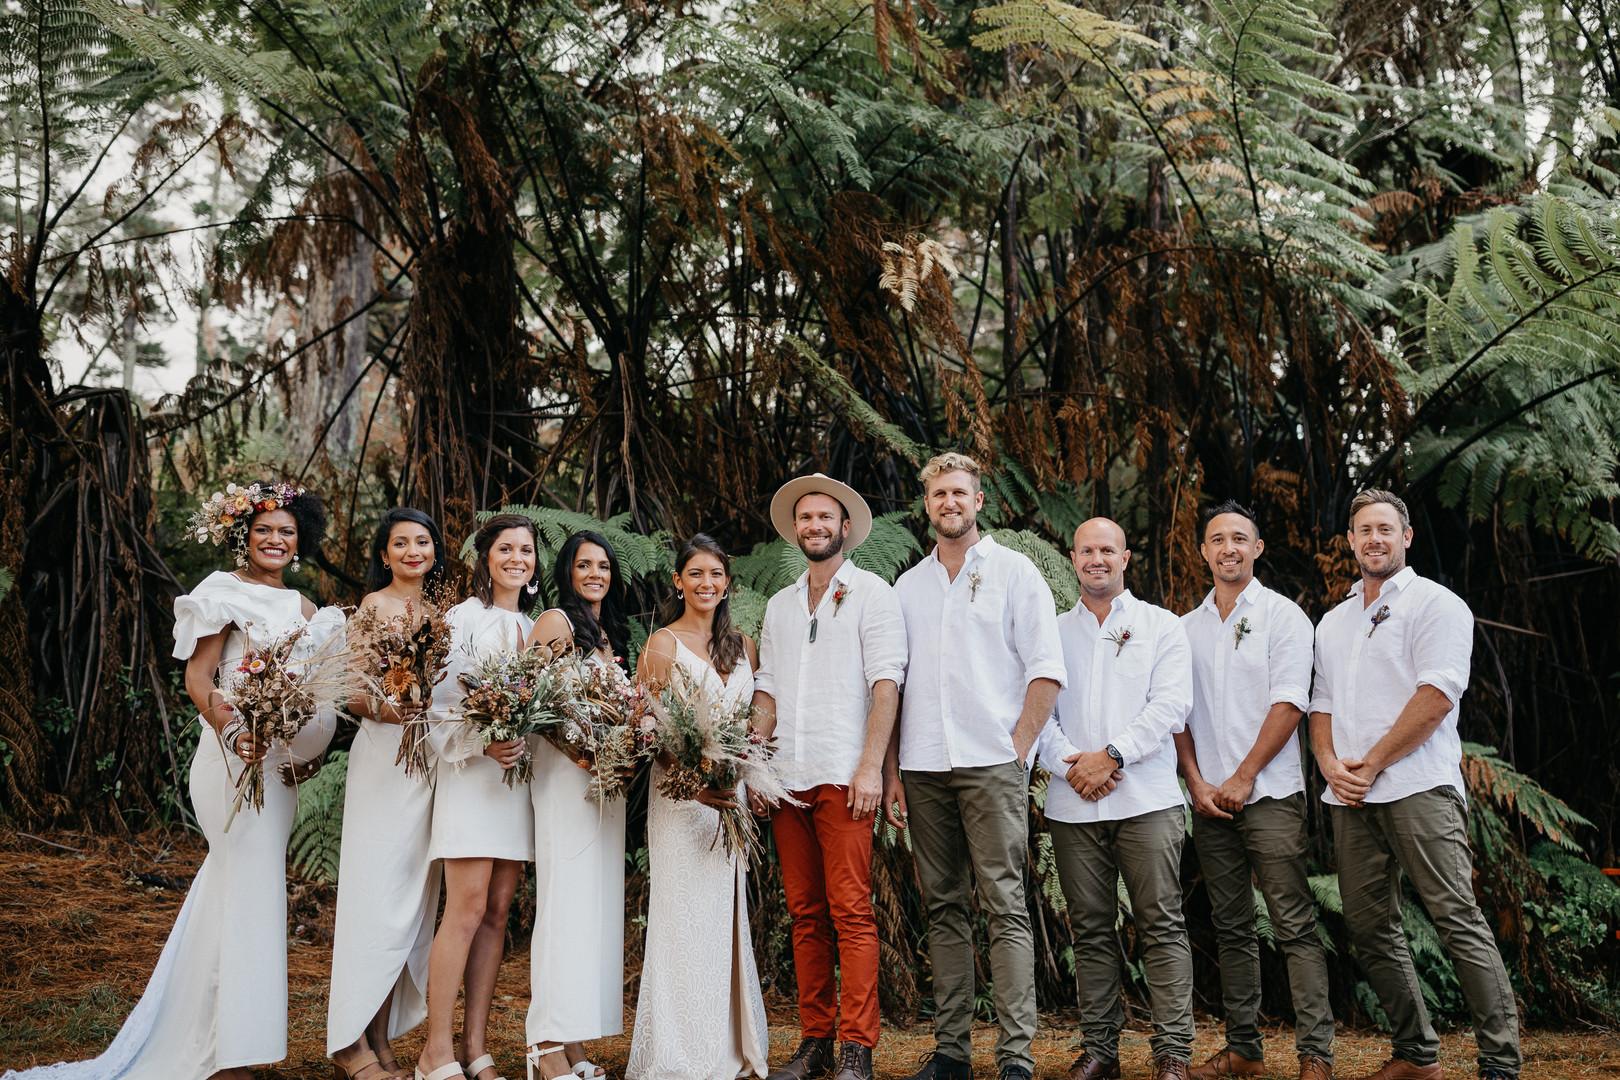 dan-and-hannah-wedding-bridal-party-2-2.